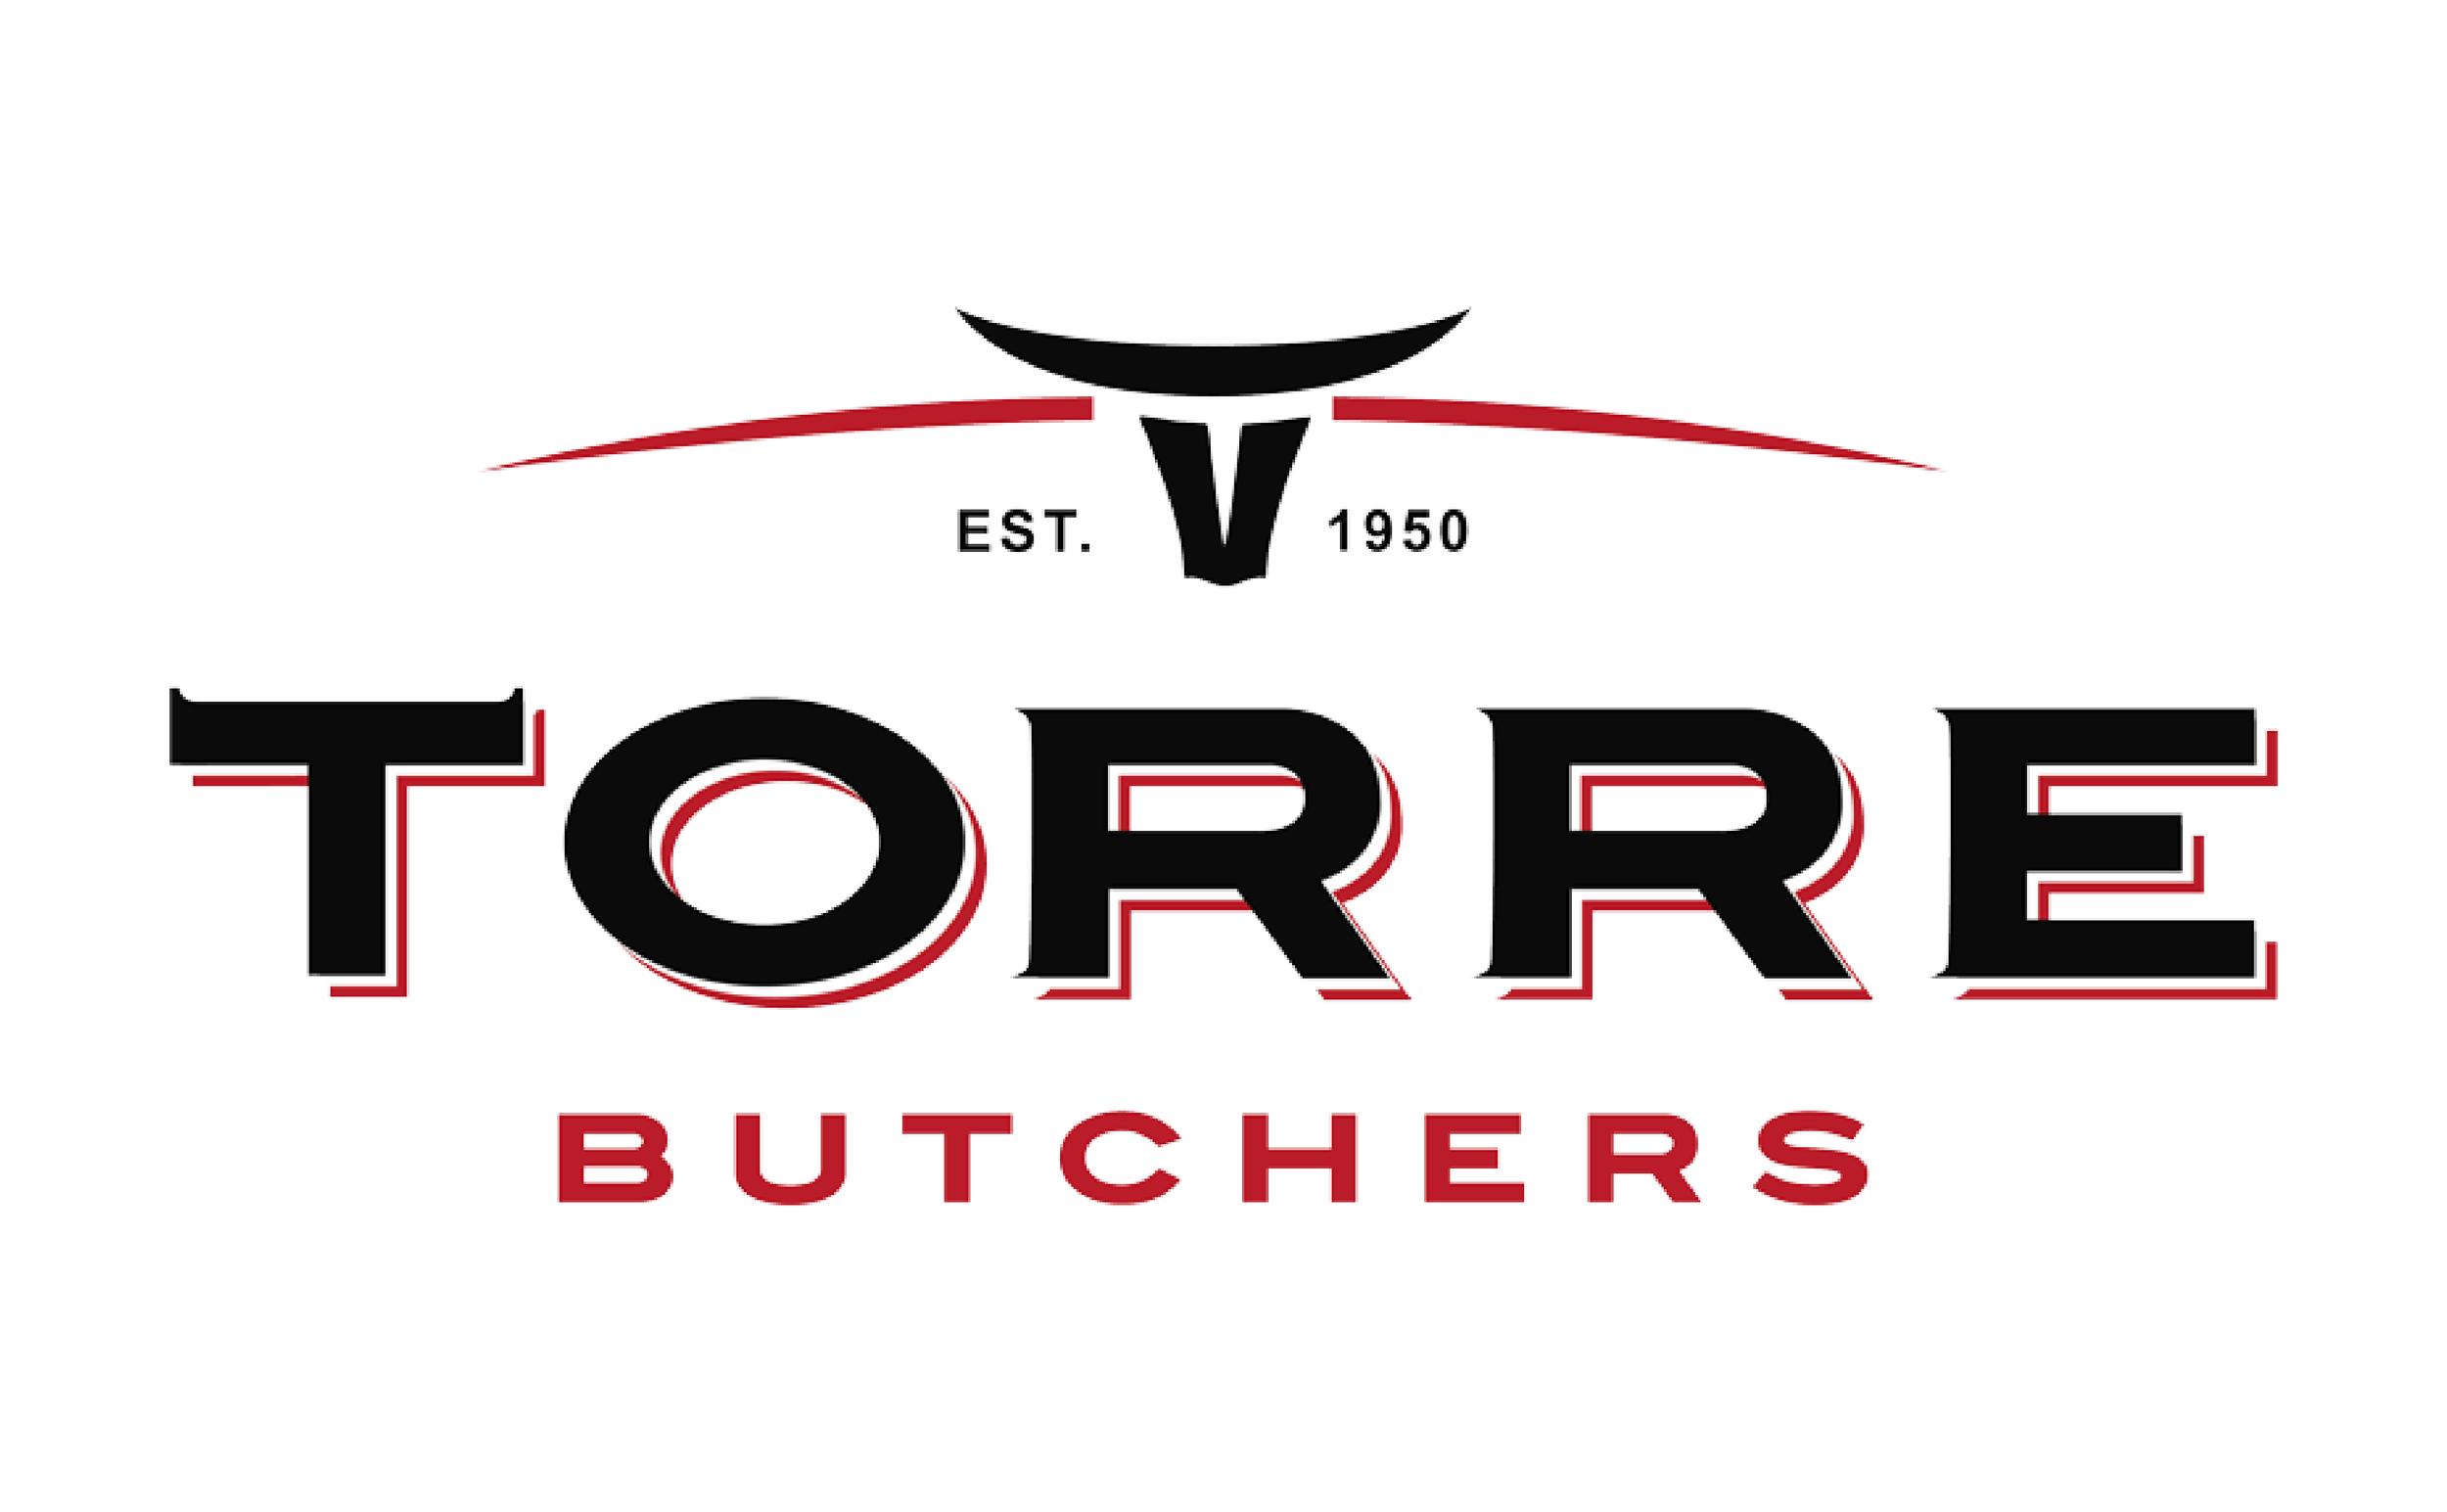 Torre Butchers